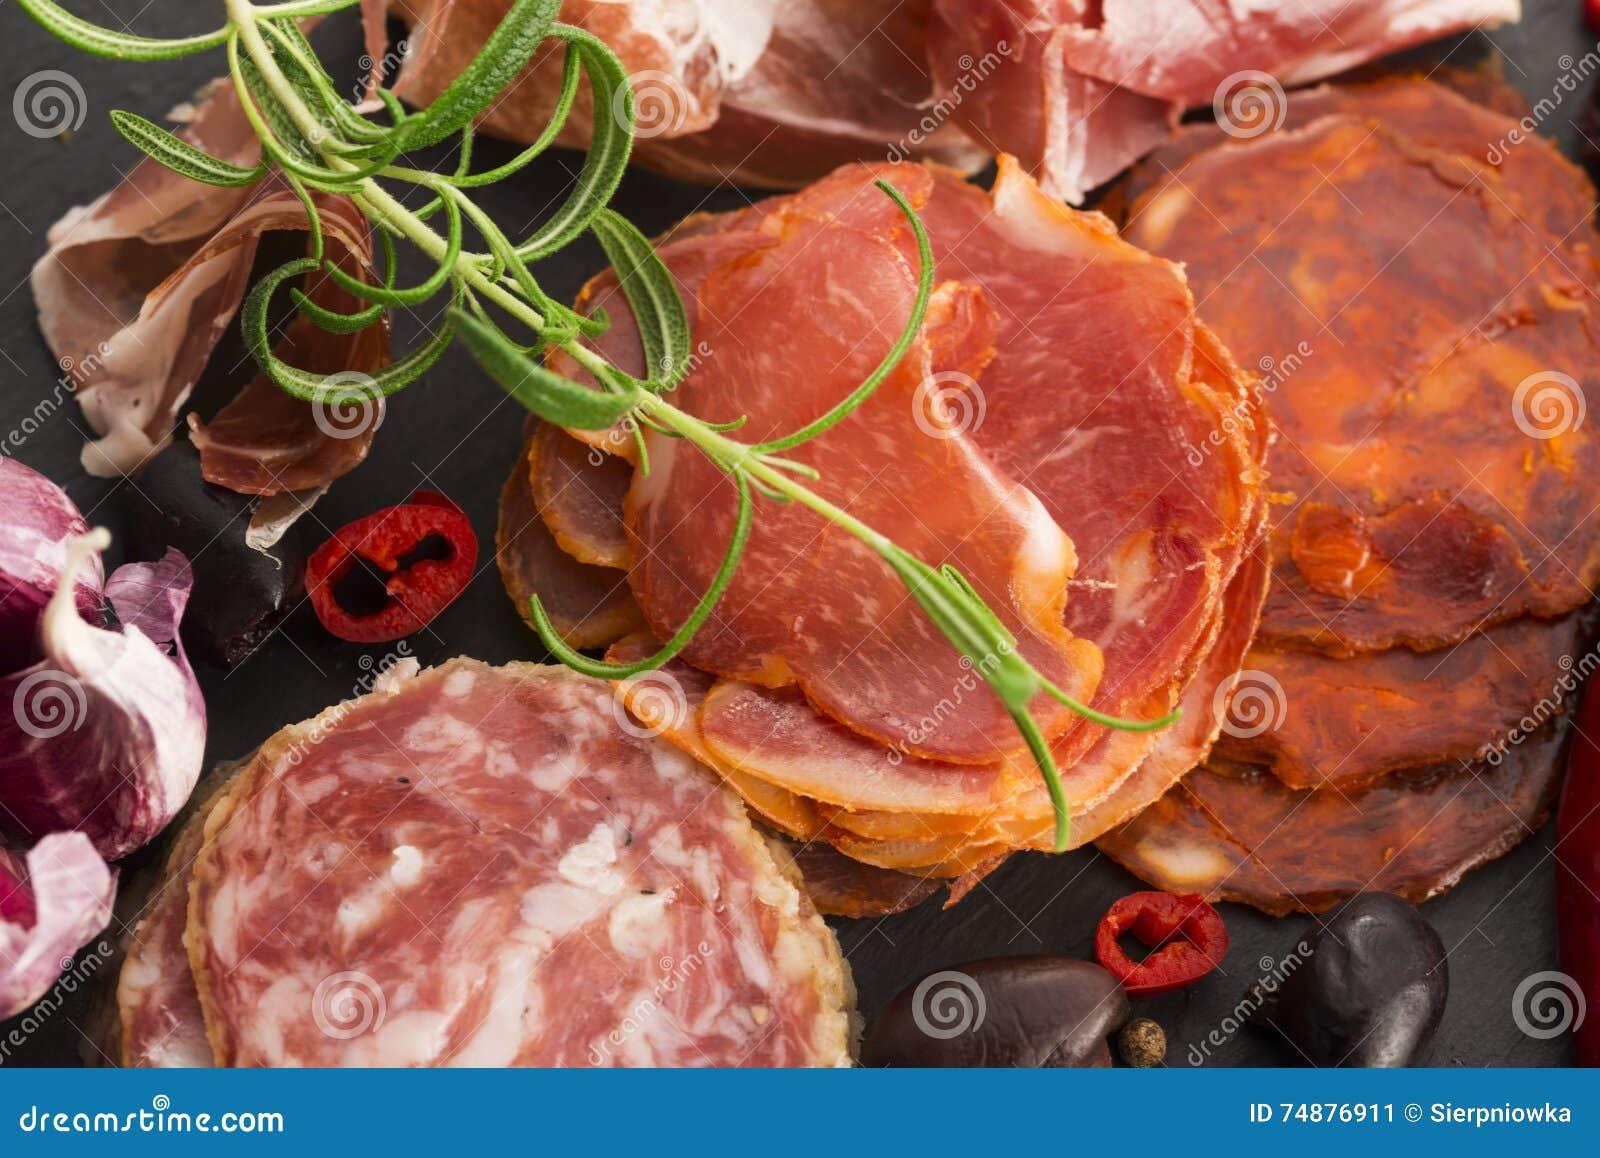 Uma pilha do embutido, do jamon, do chouriço e do em espanhóis diferentes do lomo